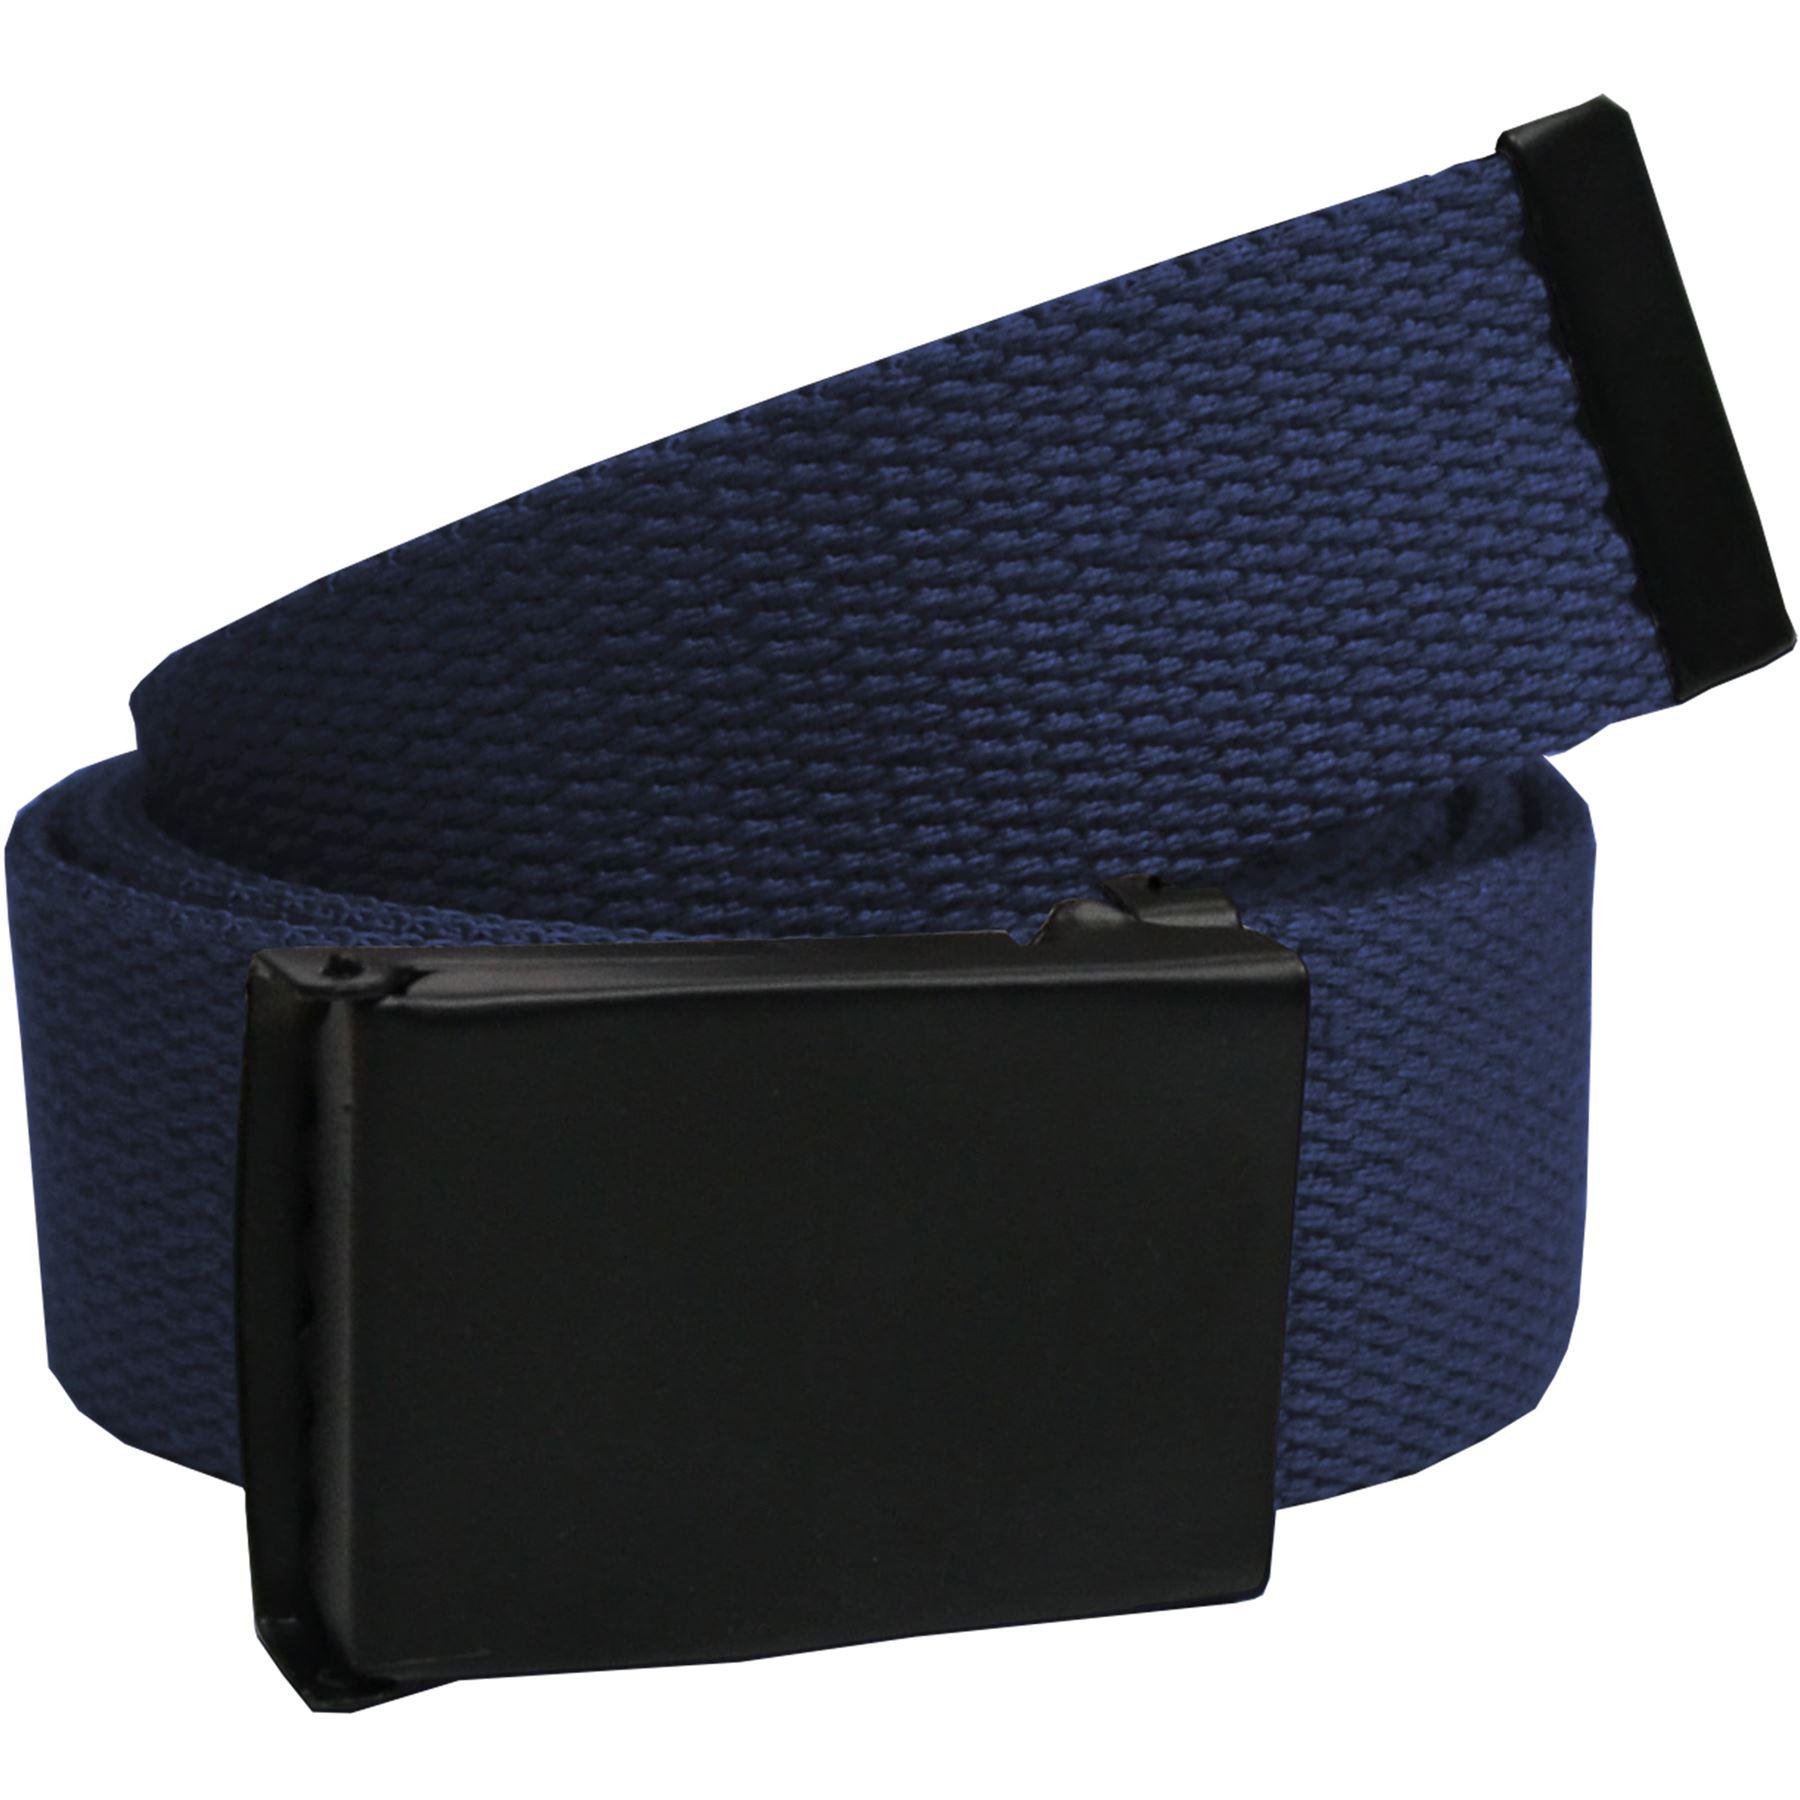 Mens Canvas Belt Adjustable Buckle Designer Regular Big Size Belts For Jeans